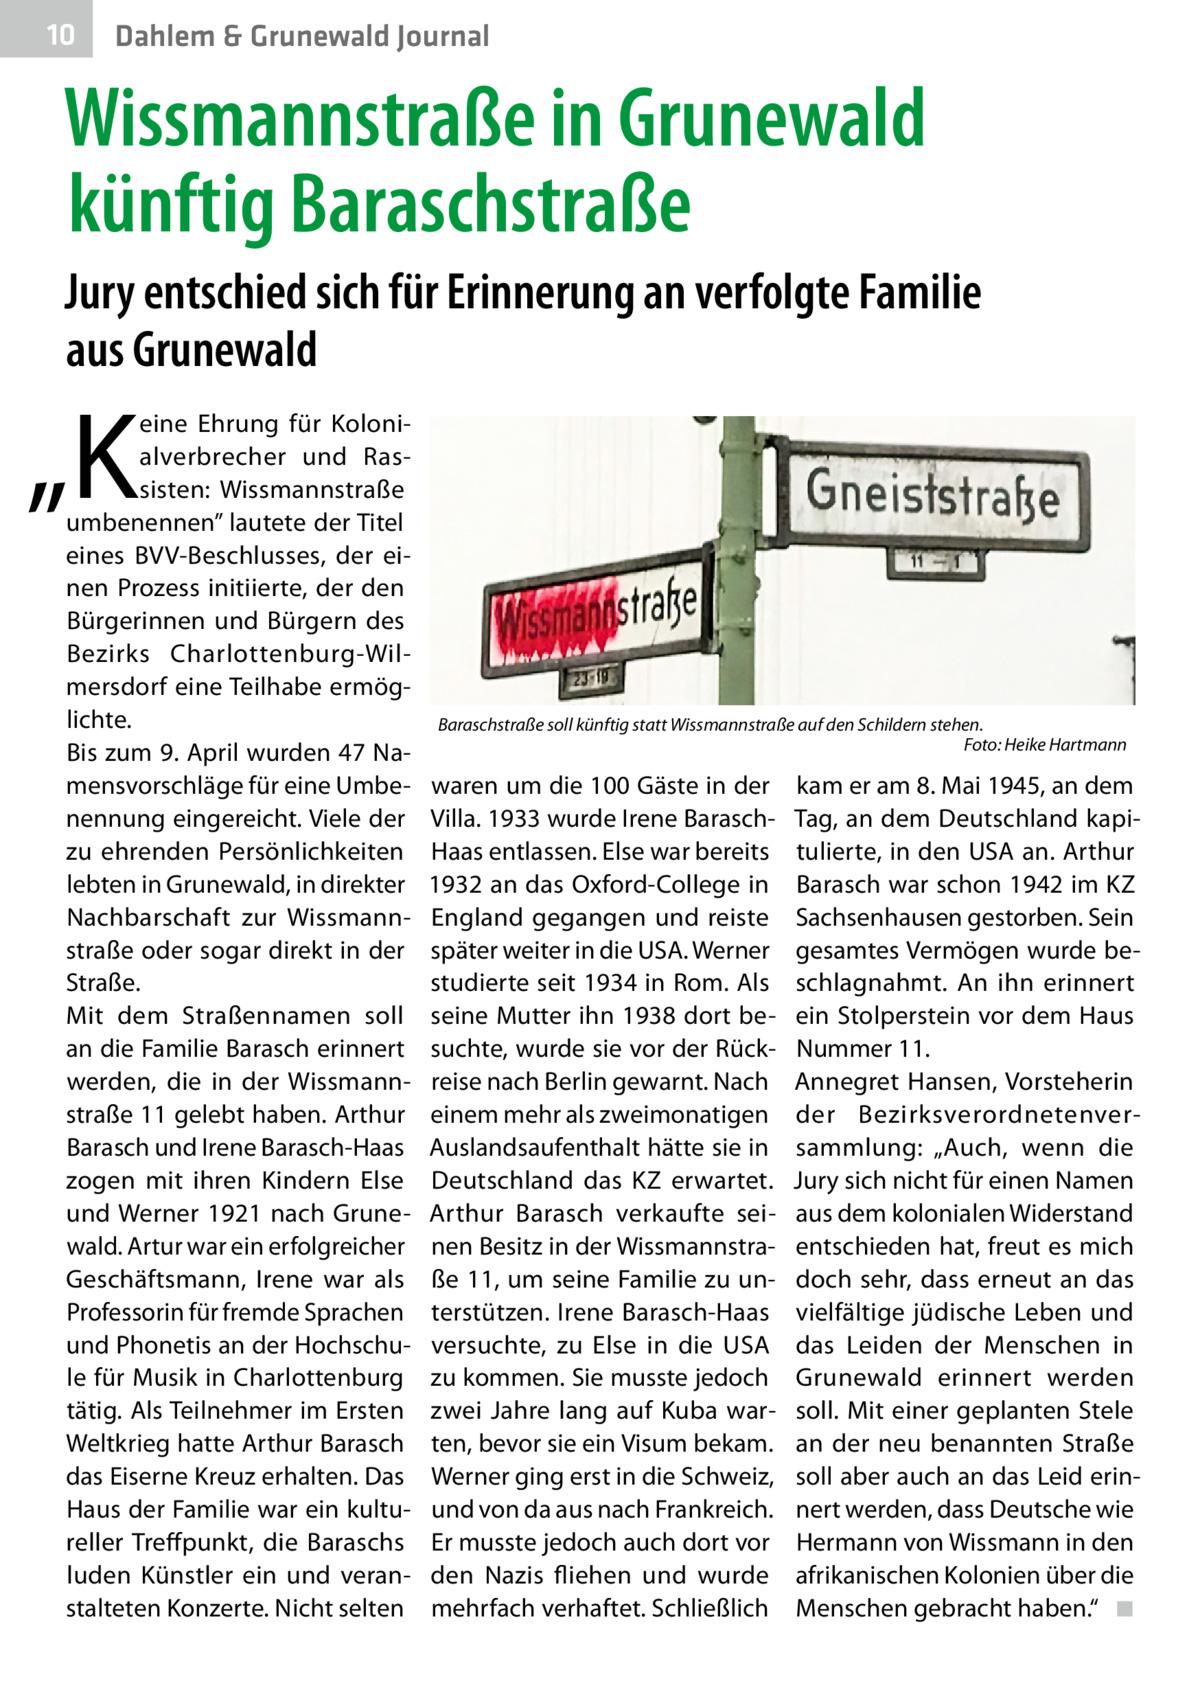 """10  Dahlem & Grunewald Journal  Wissmannstraße in Grunewald künftig Baraschstraße Jury entschied sich für Erinnerung an verfolgte Familie aus Grunewald  """"K  eine Ehrung für Kolonialverbrecher und Rassisten: Wissmannstraße umbenennen"""" lautete der Titel eines BVV-Beschlusses, der einen Prozess initiierte, der den Bürgerinnen und Bürgern des Bezirks Charlottenburg-Wilmersdorf eine Teilhabe ermöglichte. Bis zum 9.April wurden 47Namensvorschläge für eine Umbenennung eingereicht. Viele der zu ehrenden Persönlichkeiten lebten in Grunewald, in direkter Nachbarschaft zur Wissmannstraße oder sogar direkt in der Straße. Mit dem Straßennamen soll an die Familie Barasch erinnert werden, die in der Wissmannstraße11 gelebt haben. Arthur Barasch und Irene Barasch-Haas zogen mit ihren Kindern Else und Werner 1921 nach Grunewald. Artur war ein erfolgreicher Geschäftsmann, Irene war als Professorin für fremde Sprachen und Phonetis an der Hochschule für Musik in Charlottenburg tätig. Als Teilnehmer im Ersten Weltkrieg hatte Arthur Barasch das Eiserne Kreuz erhalten. Das Haus der Familie war ein kultureller Treffpunkt, die Baraschs luden Künstler ein und veranstalteten Konzerte. Nicht selten  Baraschstraße soll künftig statt Wissmannstraße auf den Schildern stehen. � Foto: Heike Hartmann  waren um die 100Gäste in der Villa. 1933 wurde Irene BaraschHaas entlassen. Else war bereits 1932 an das Oxford-College in England gegangen und reiste später weiter in die USA. Werner studierte seit 1934 in Rom. Als seine Mutter ihn 1938 dort besuchte, wurde sie vor der Rückreise nach Berlin gewarnt. Nach einem mehr als zweimonatigen Auslandsaufenthalt hätte sie in Deutschland das KZ erwartet. Arthur Barasch verkaufte seinen Besitz in der Wissmannstraße11, um seine Familie zu unterstützen. Irene Barasch-Haas versuchte, zu Else in die USA zu kommen. Sie musste jedoch zwei Jahre lang auf Kuba warten, bevor sie ein Visum bekam. Werner ging erst in die Schweiz, und von da aus nach Frankreich. Er musste jed"""